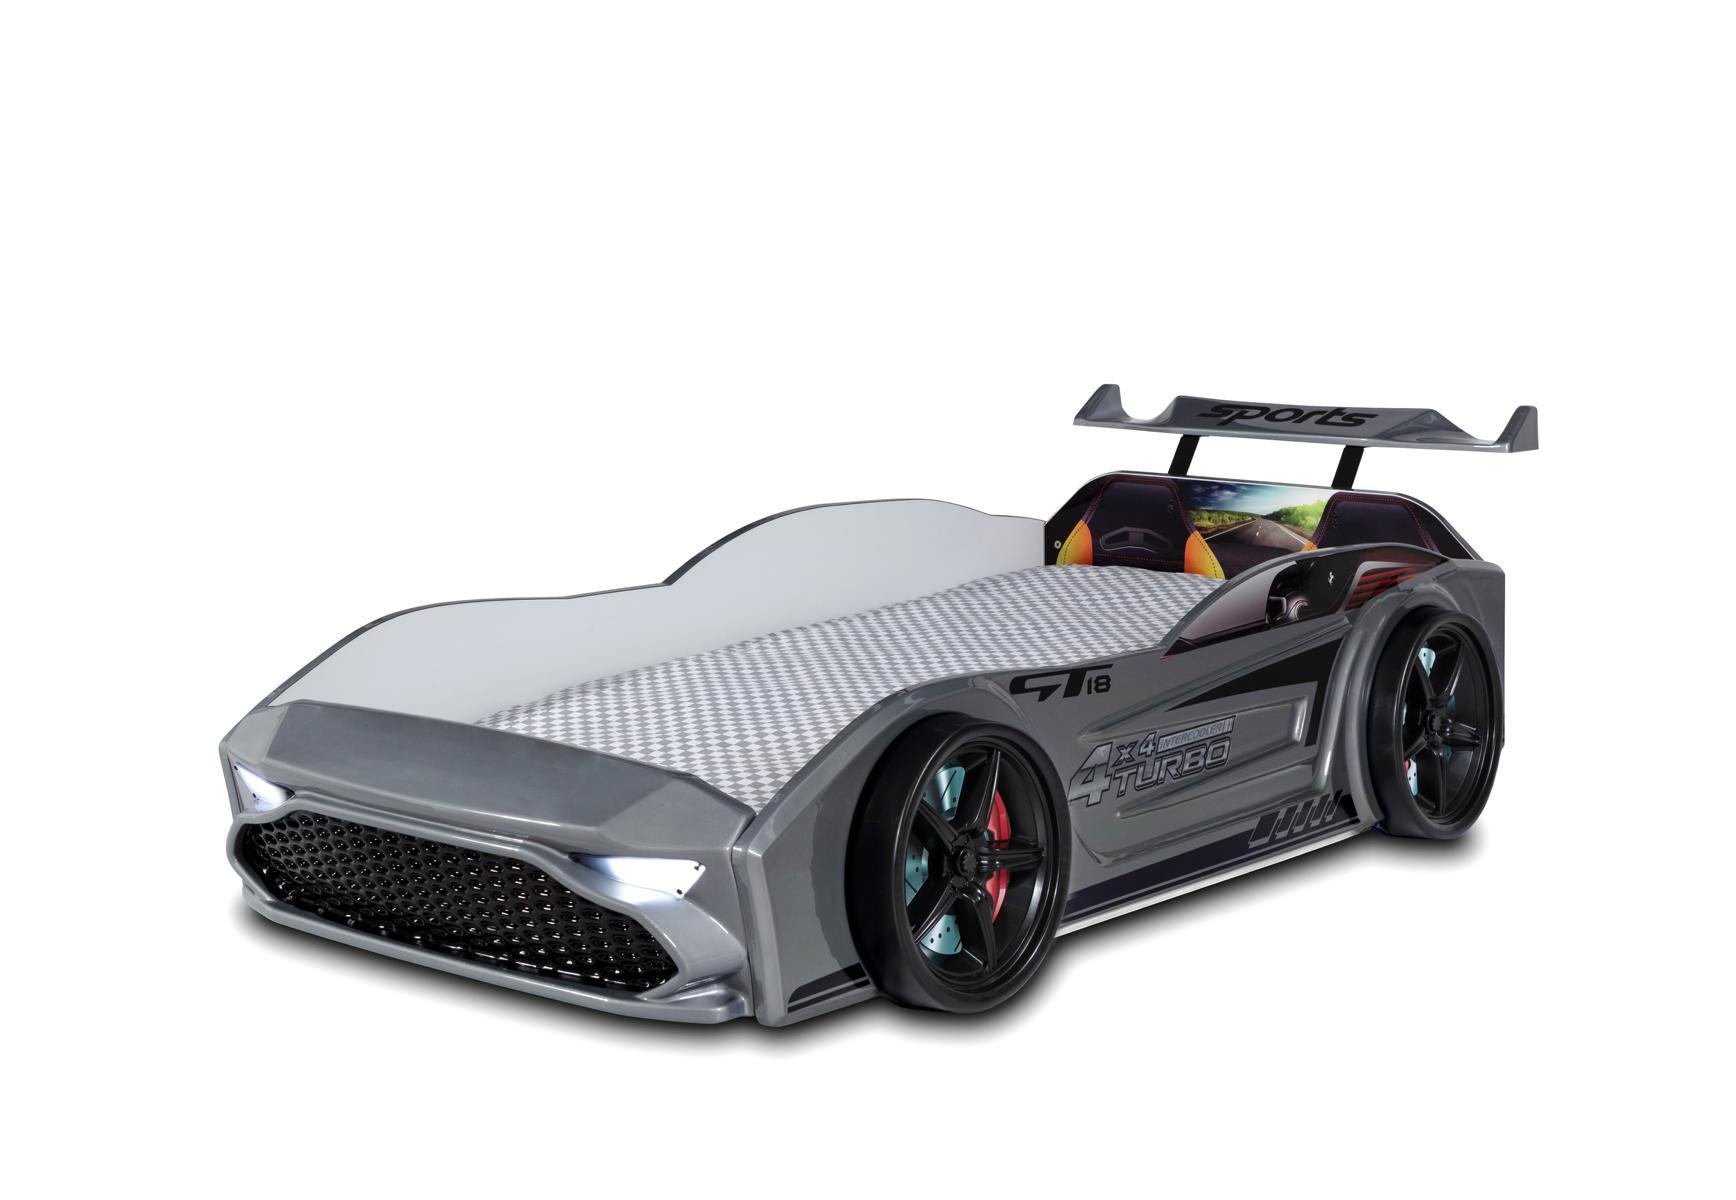 Kinder Autobett GT18 Turbo 4x4 in Grau